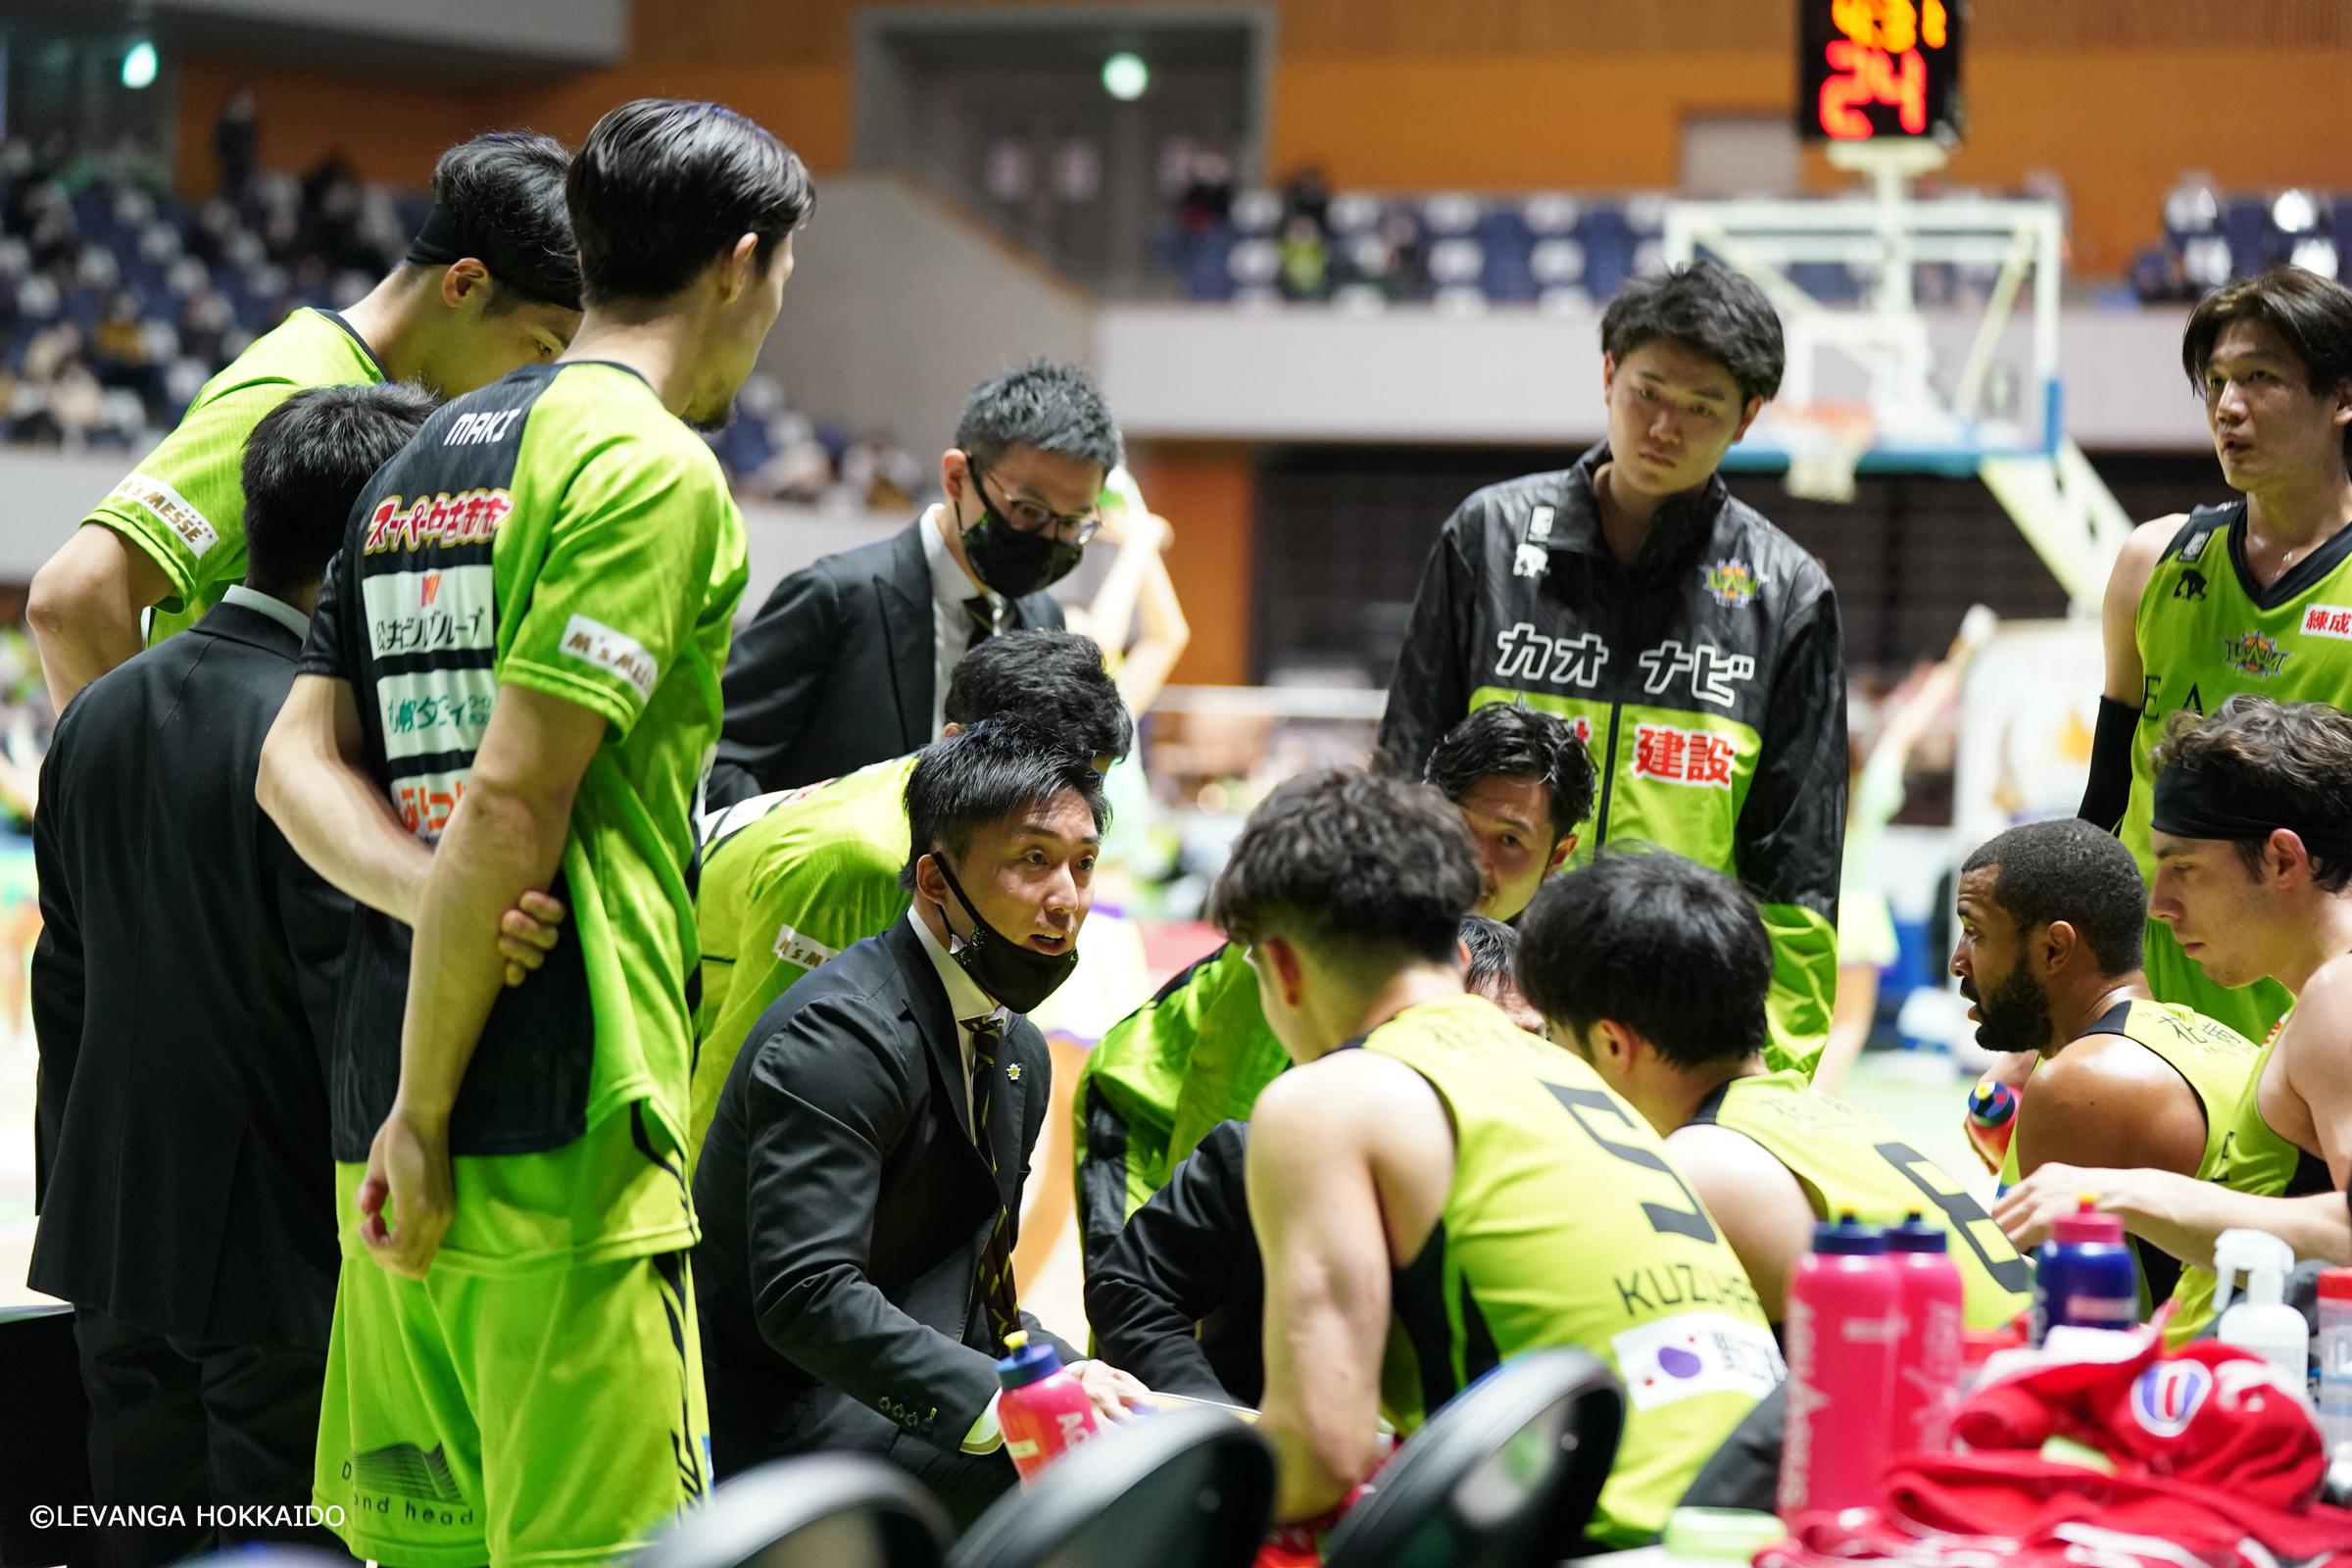 レバンガ北海道ホーム3連勝!横浜に逆転勝利!明日24日13:05TIPOFF!